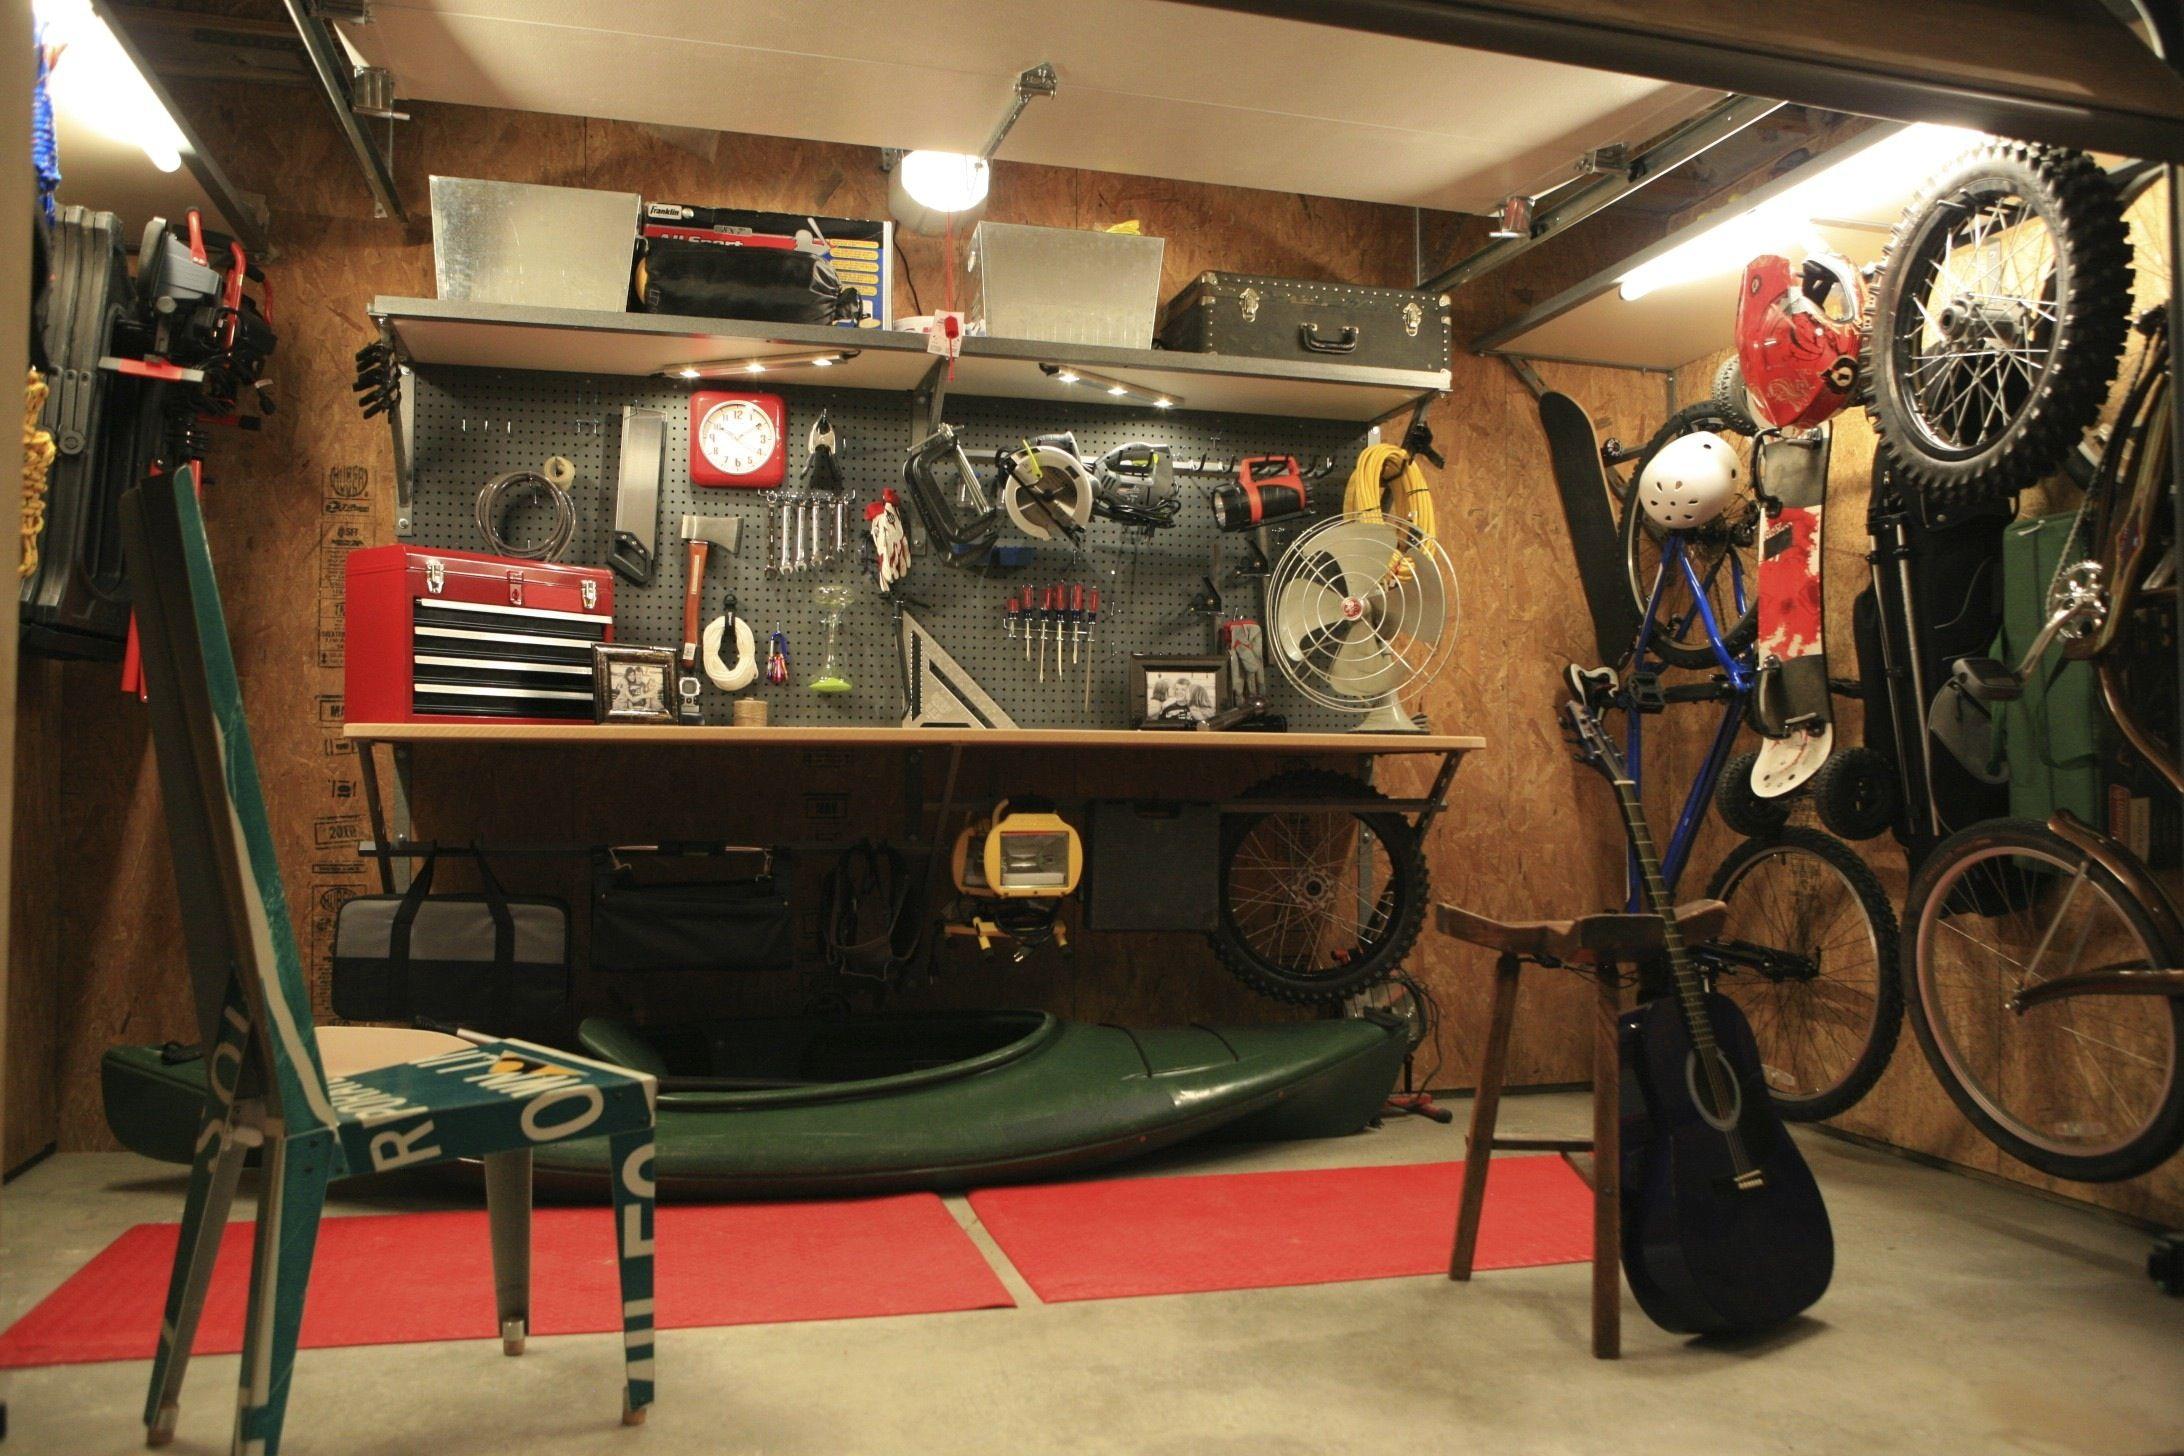 Idee Garage Fai Da Te come organizzare il garage con 5 idee fai da te   bigodino